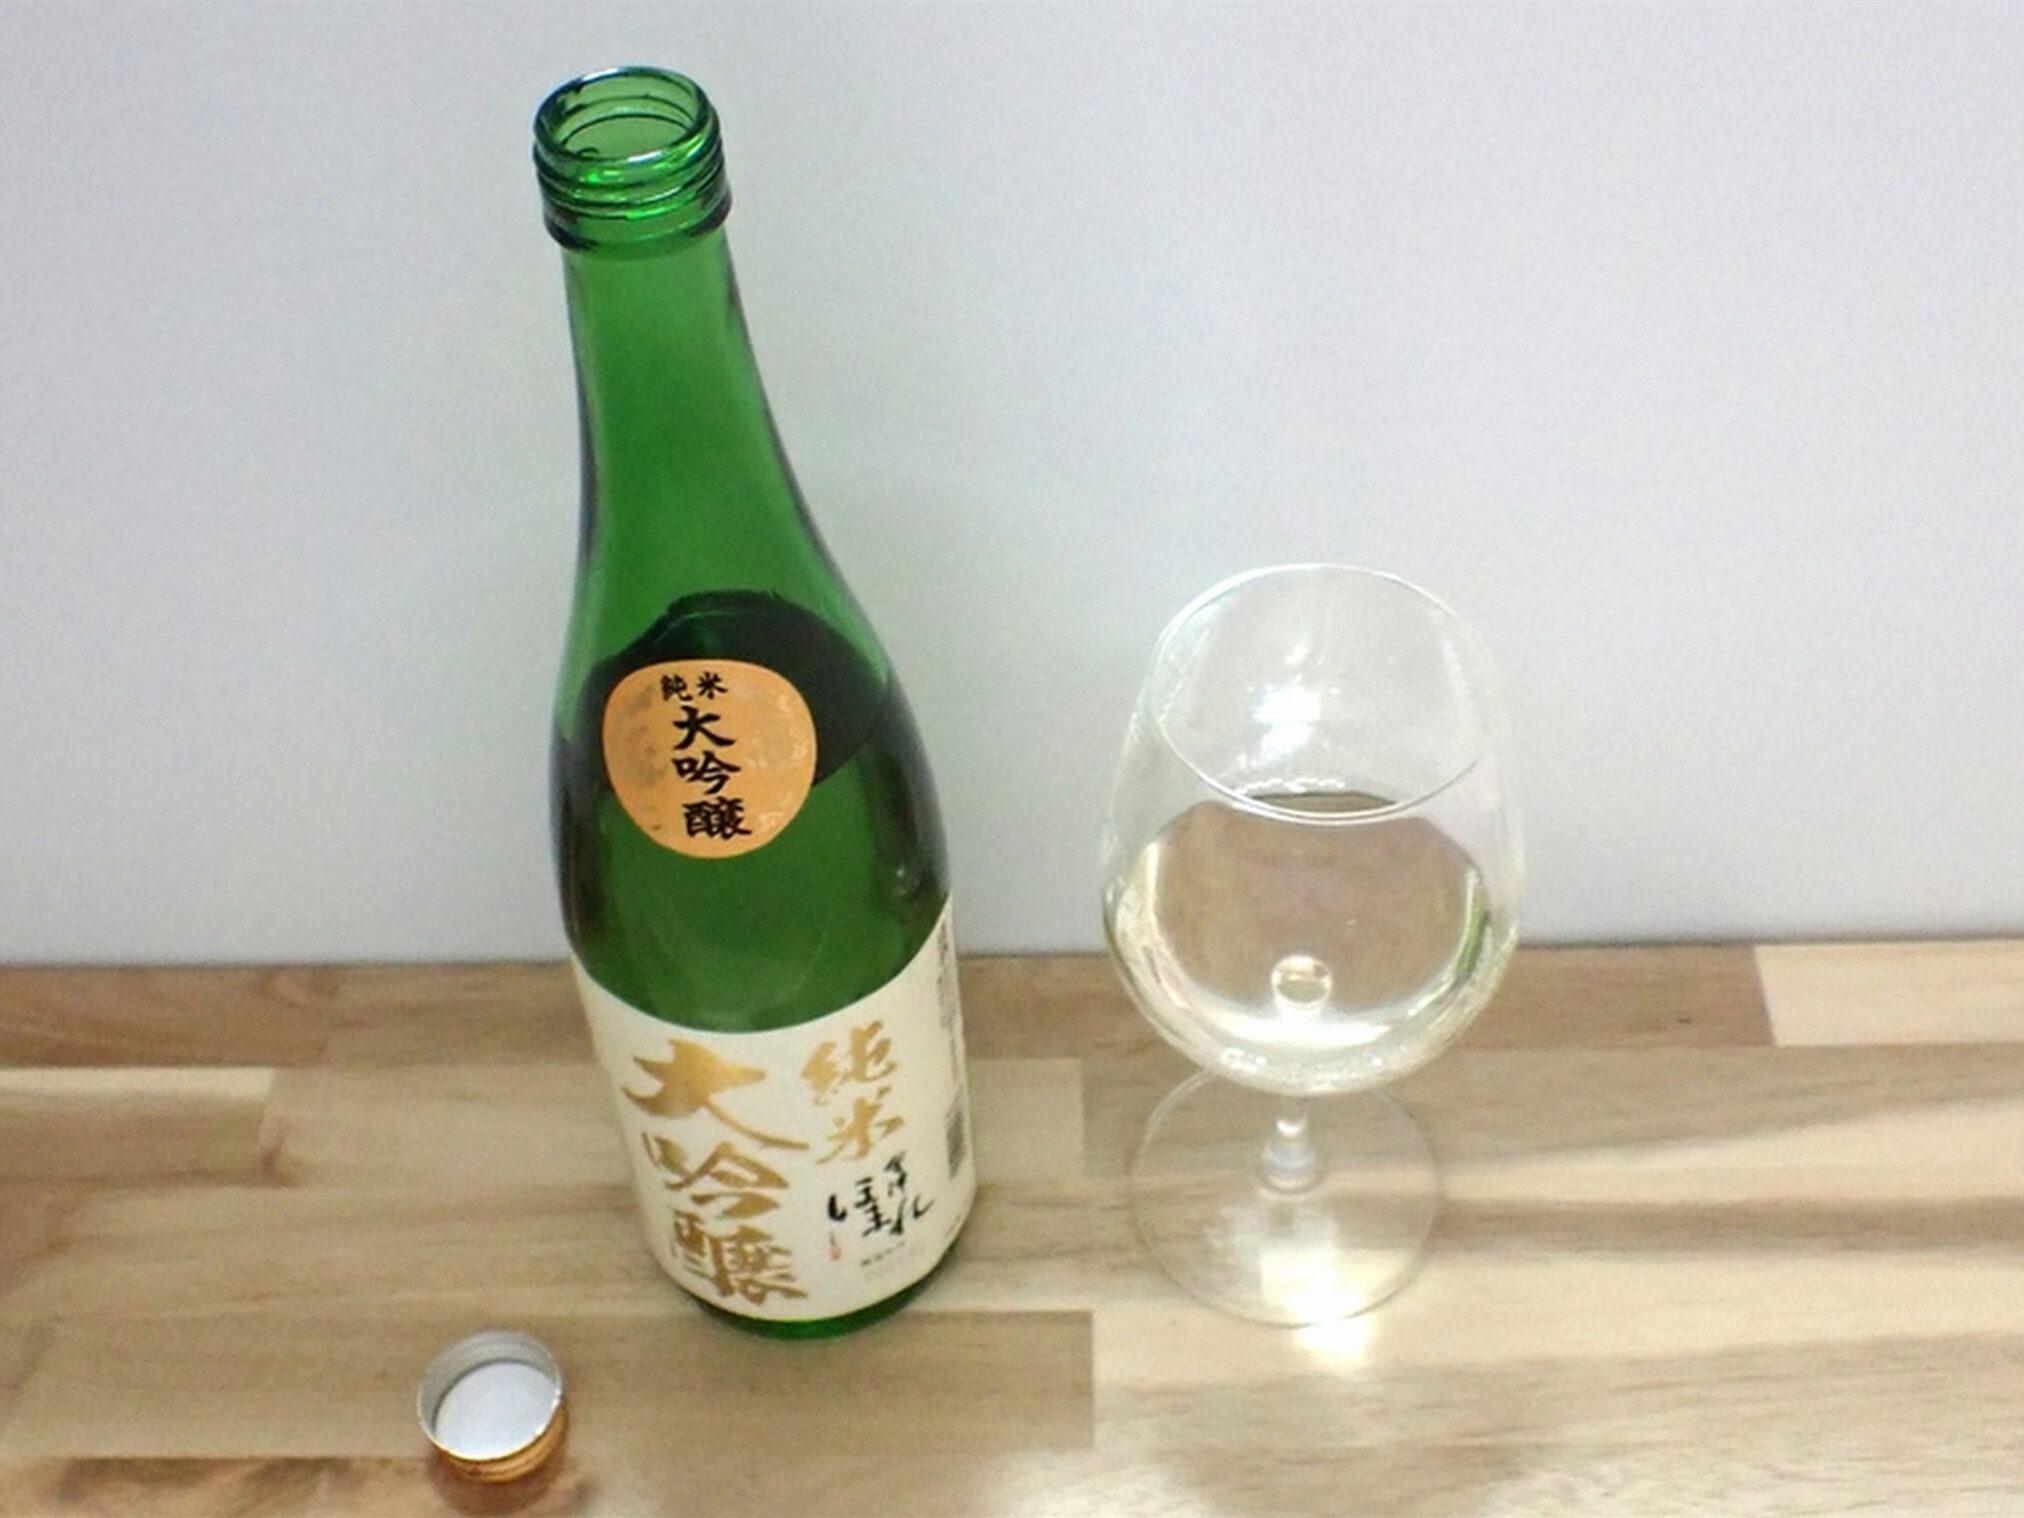 日本酒 リンゴや洋ナシの香り 純米大吟醸 会津ほまれ 白 極(きわみ)